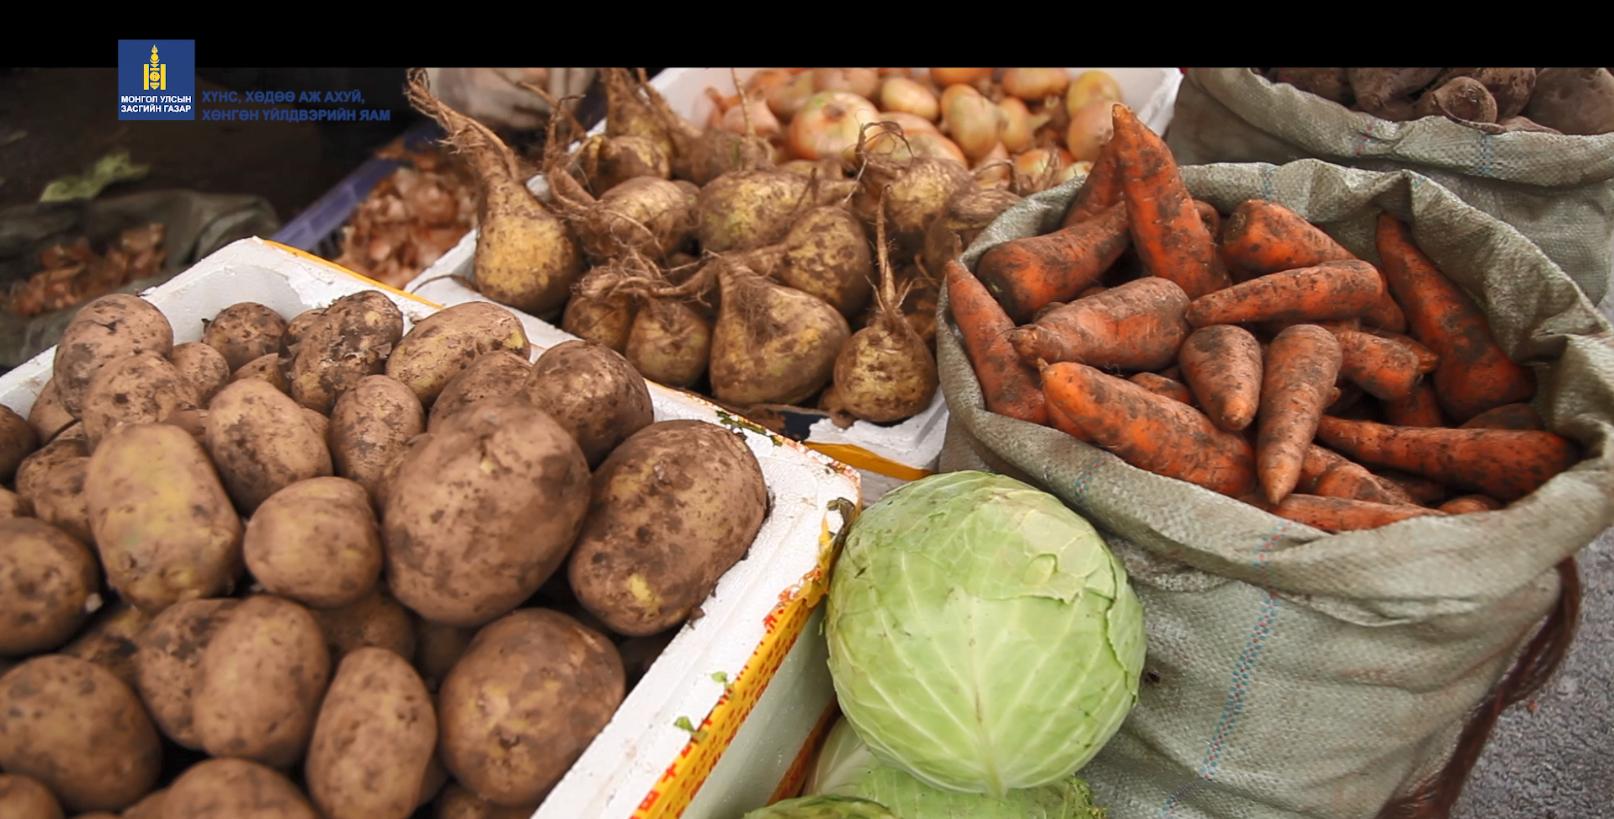 Эх орныхоо хөрсөнд ургуулсан, органик төмс, хүнсний ногоо, жимс жимсгэнийг хэрэглэгчдийн гарт шууд хүргэж байна